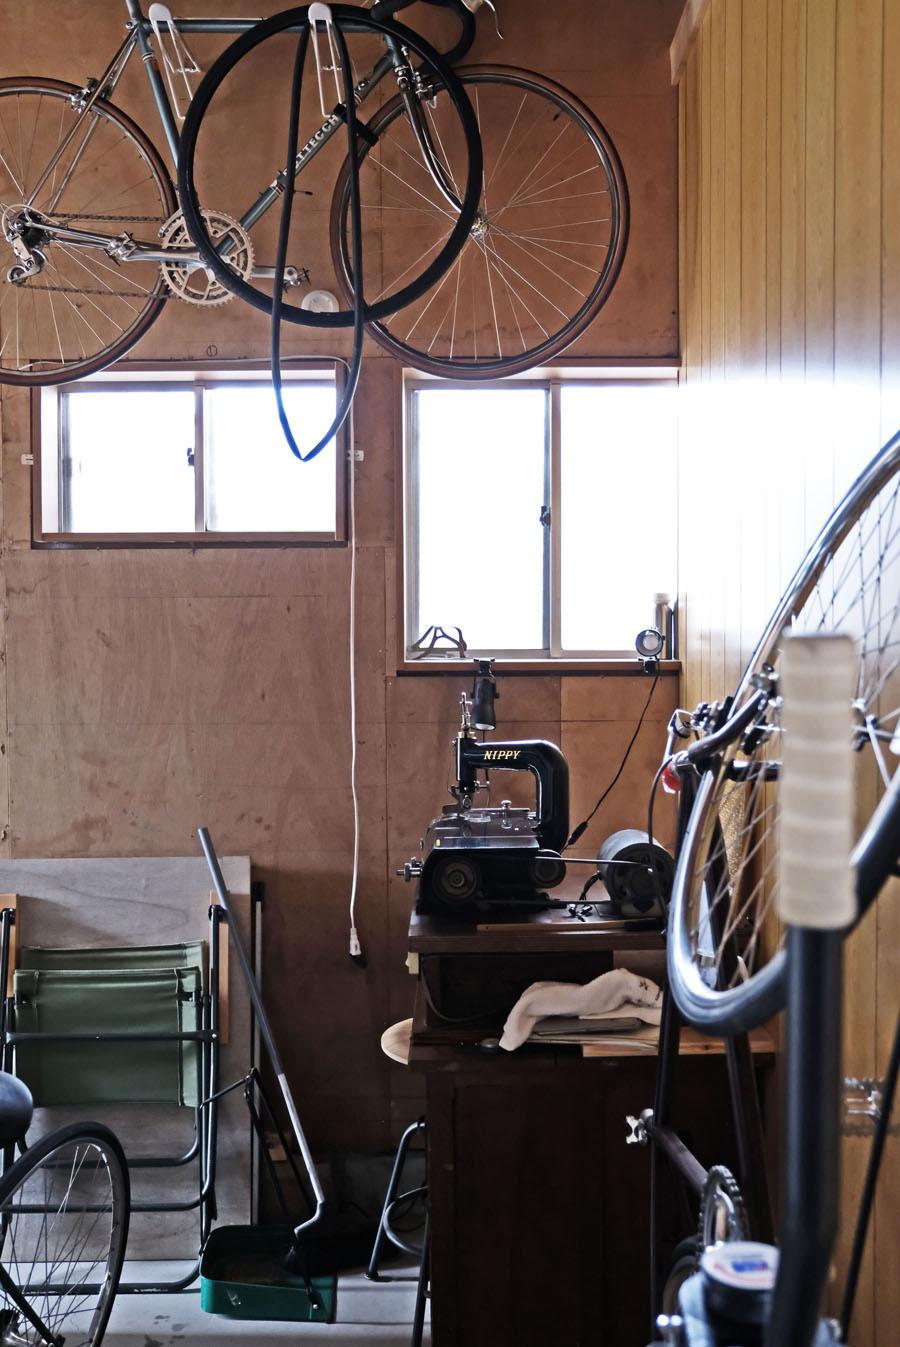 大好きな自転車もバンコクの中ではたびたびパンクしてしまうことも